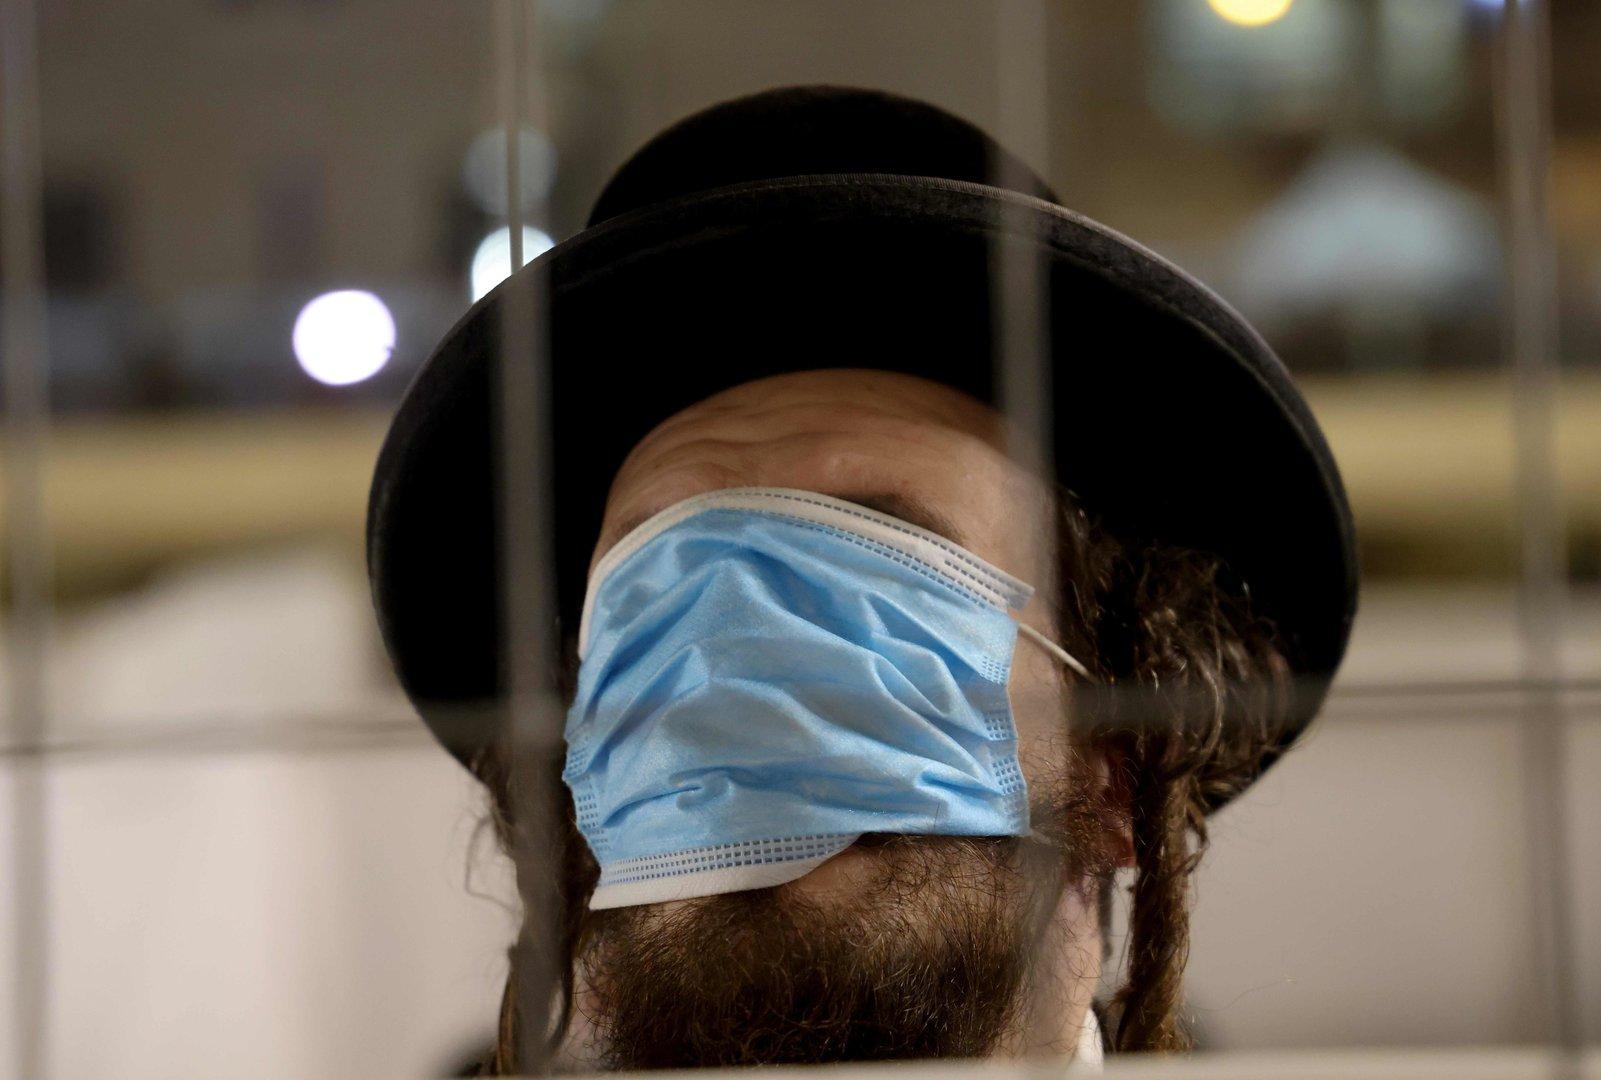 Rekord an Corona-Infektionen in Israel